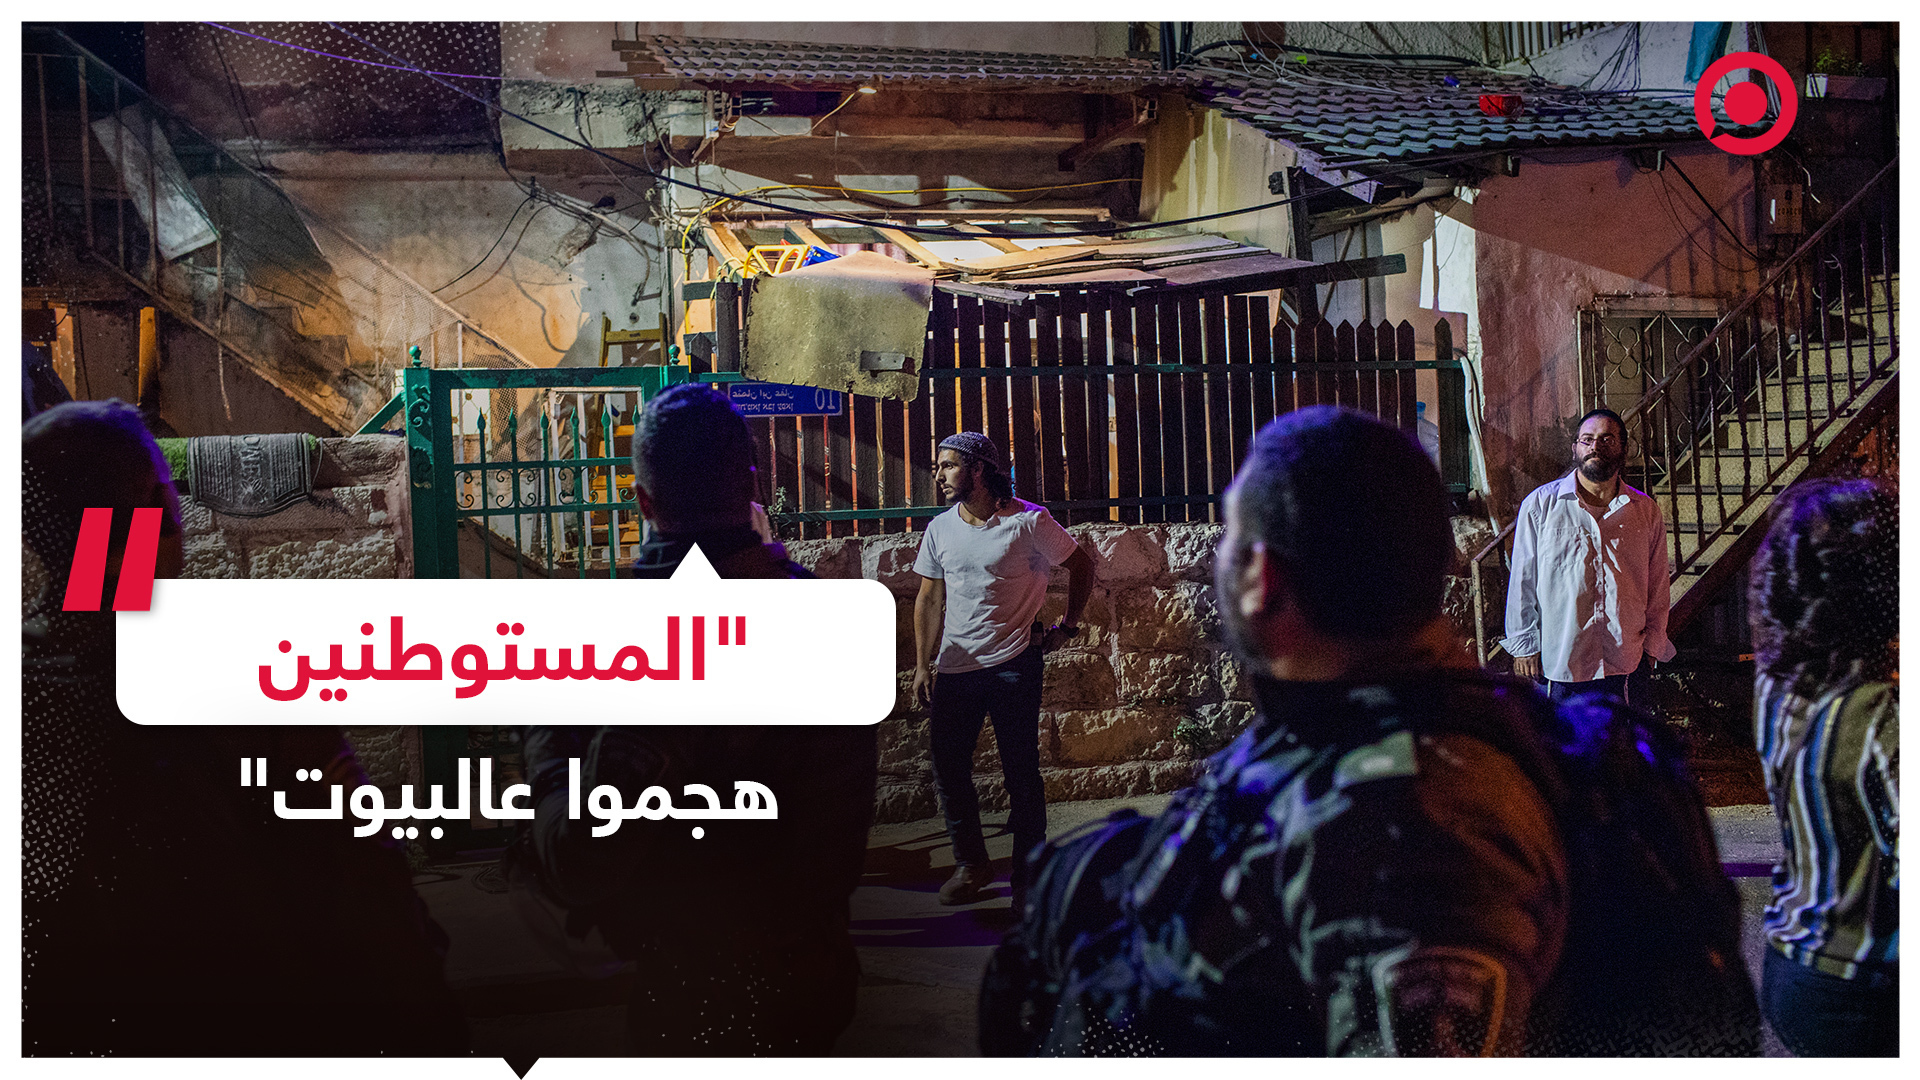 منى الكرد توثق اعتداء مستوطنين على أهالي حي الشيخ جراح